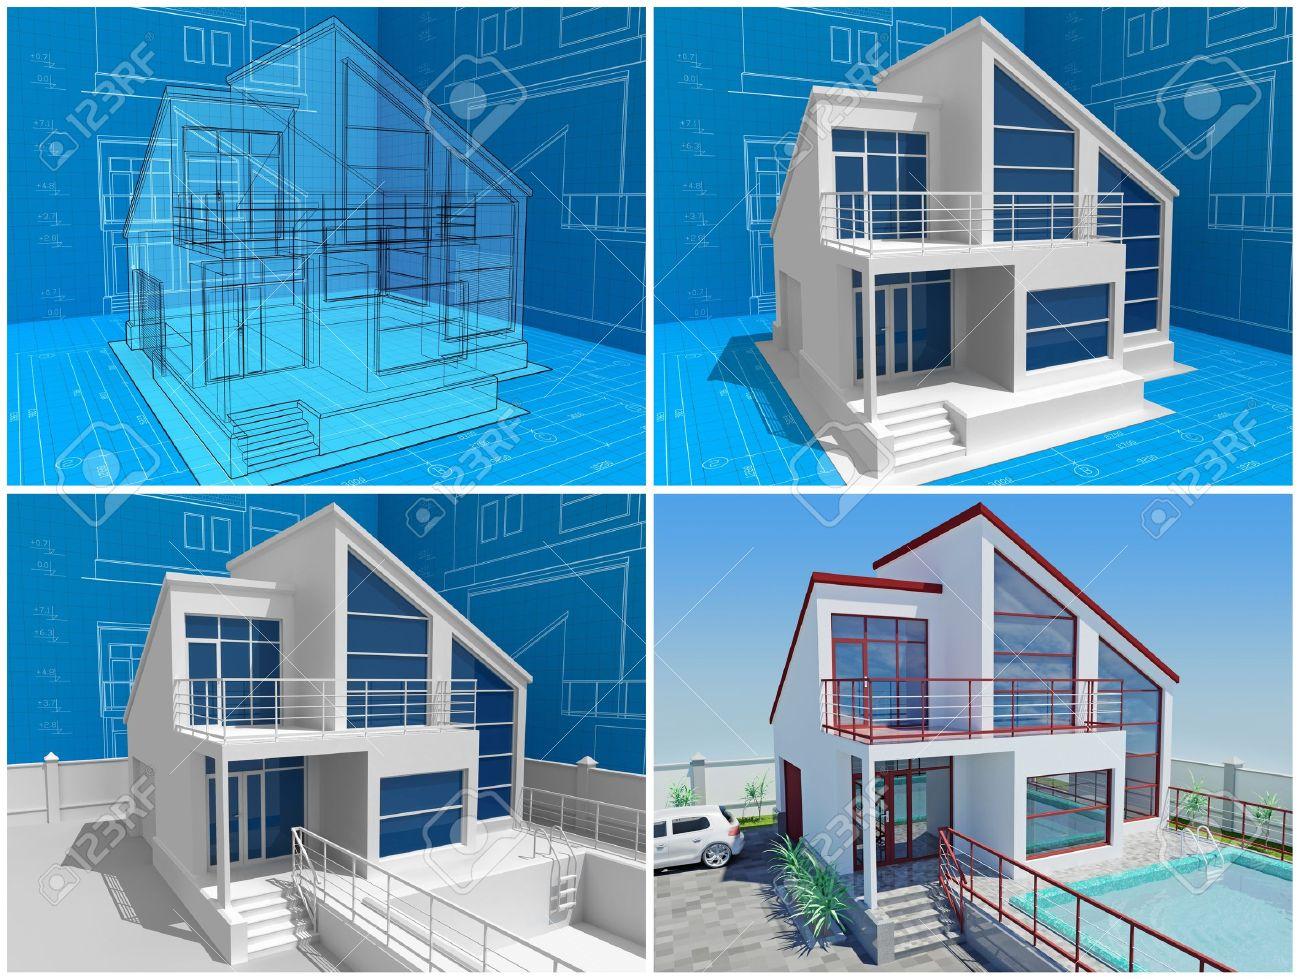 Das haus im bau isometrischen 3d ansicht des wohnhauses ã¼ber den architekten zeichnung bild